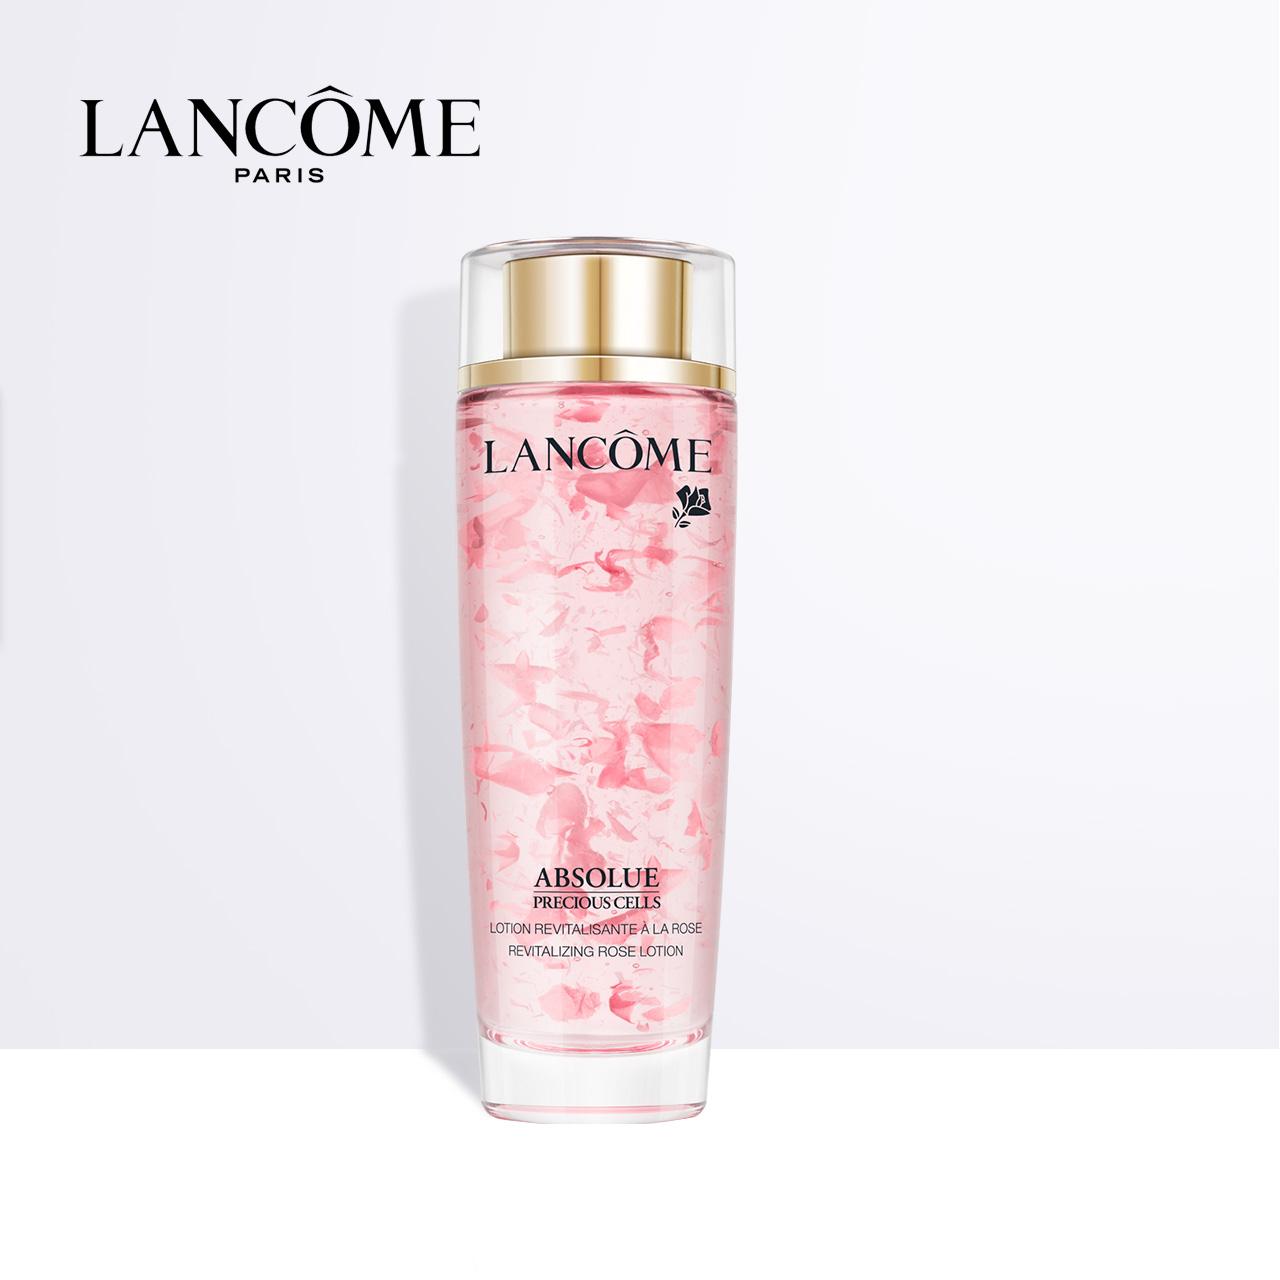 兰蔻菁纯臻颜玫瑰美容液爽肤水150ml舒缓保湿补水美容液化妆水